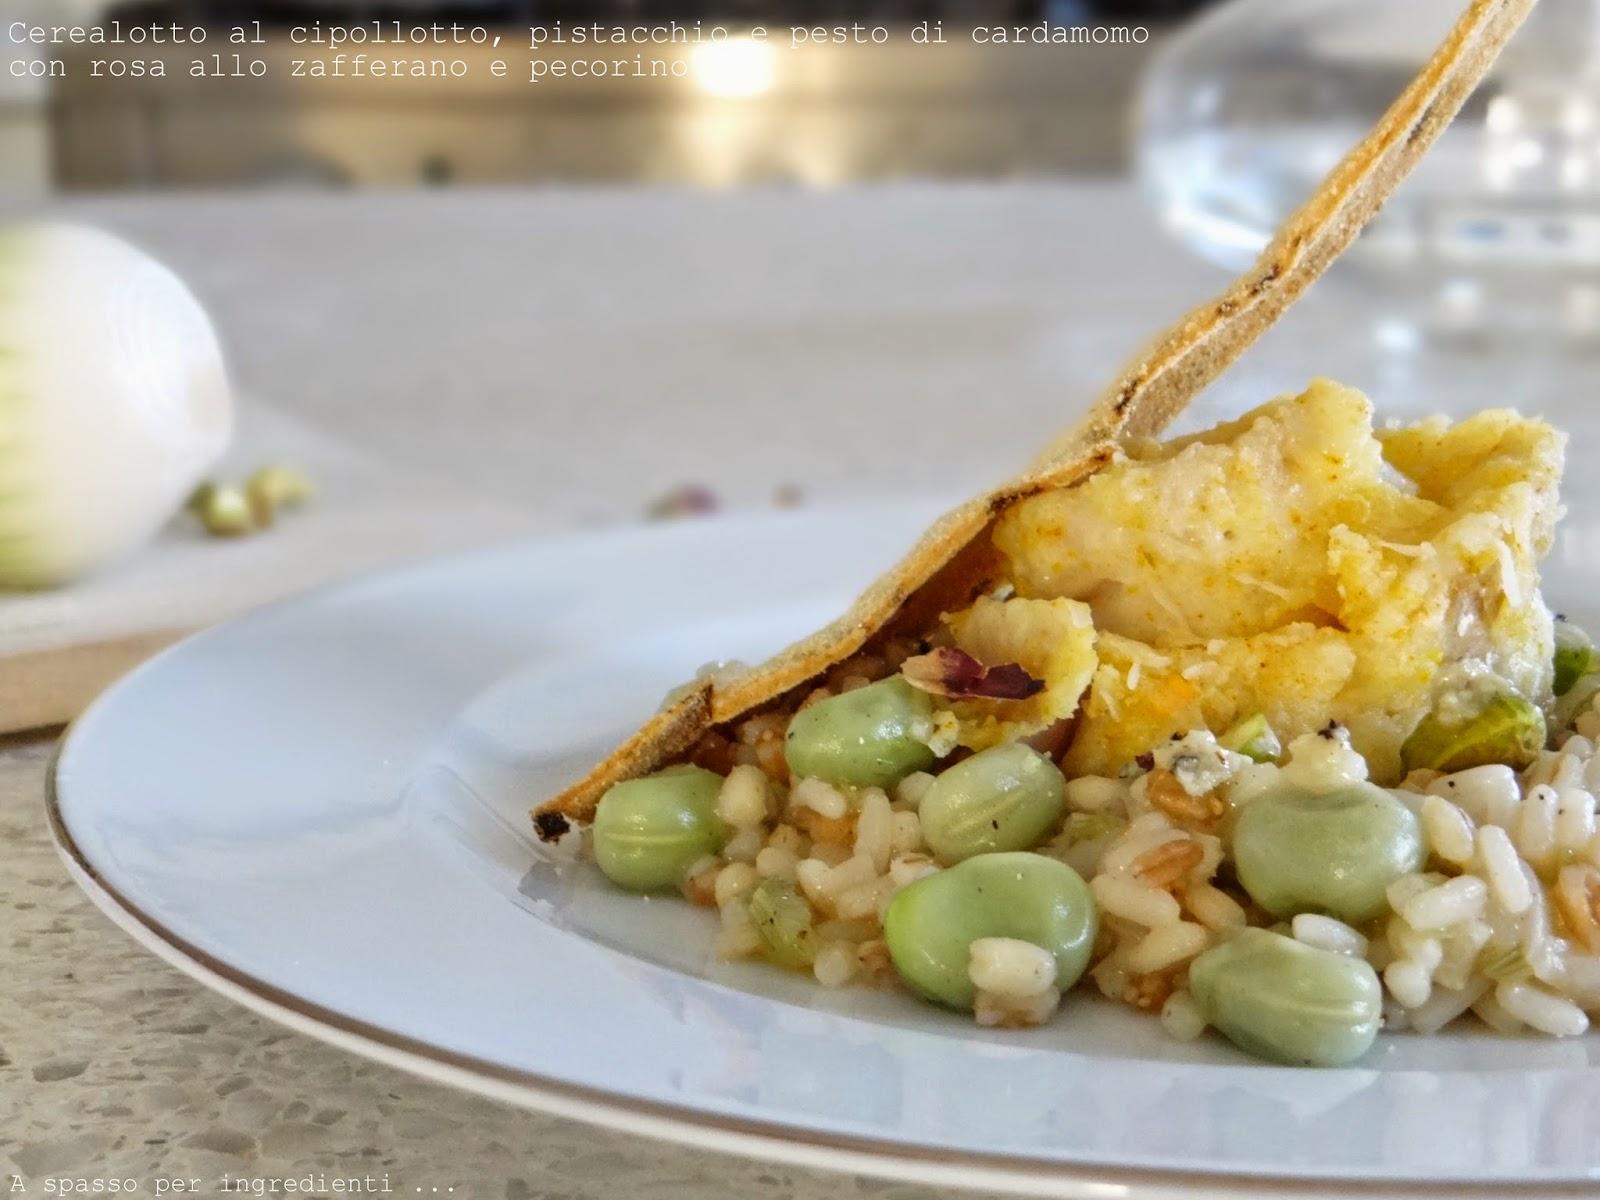 Ricetta cerealotto al cipollotto, pistacchio e pesto di cardamomo con rosa allo zafferano e pecorino, per un vecchio concorso